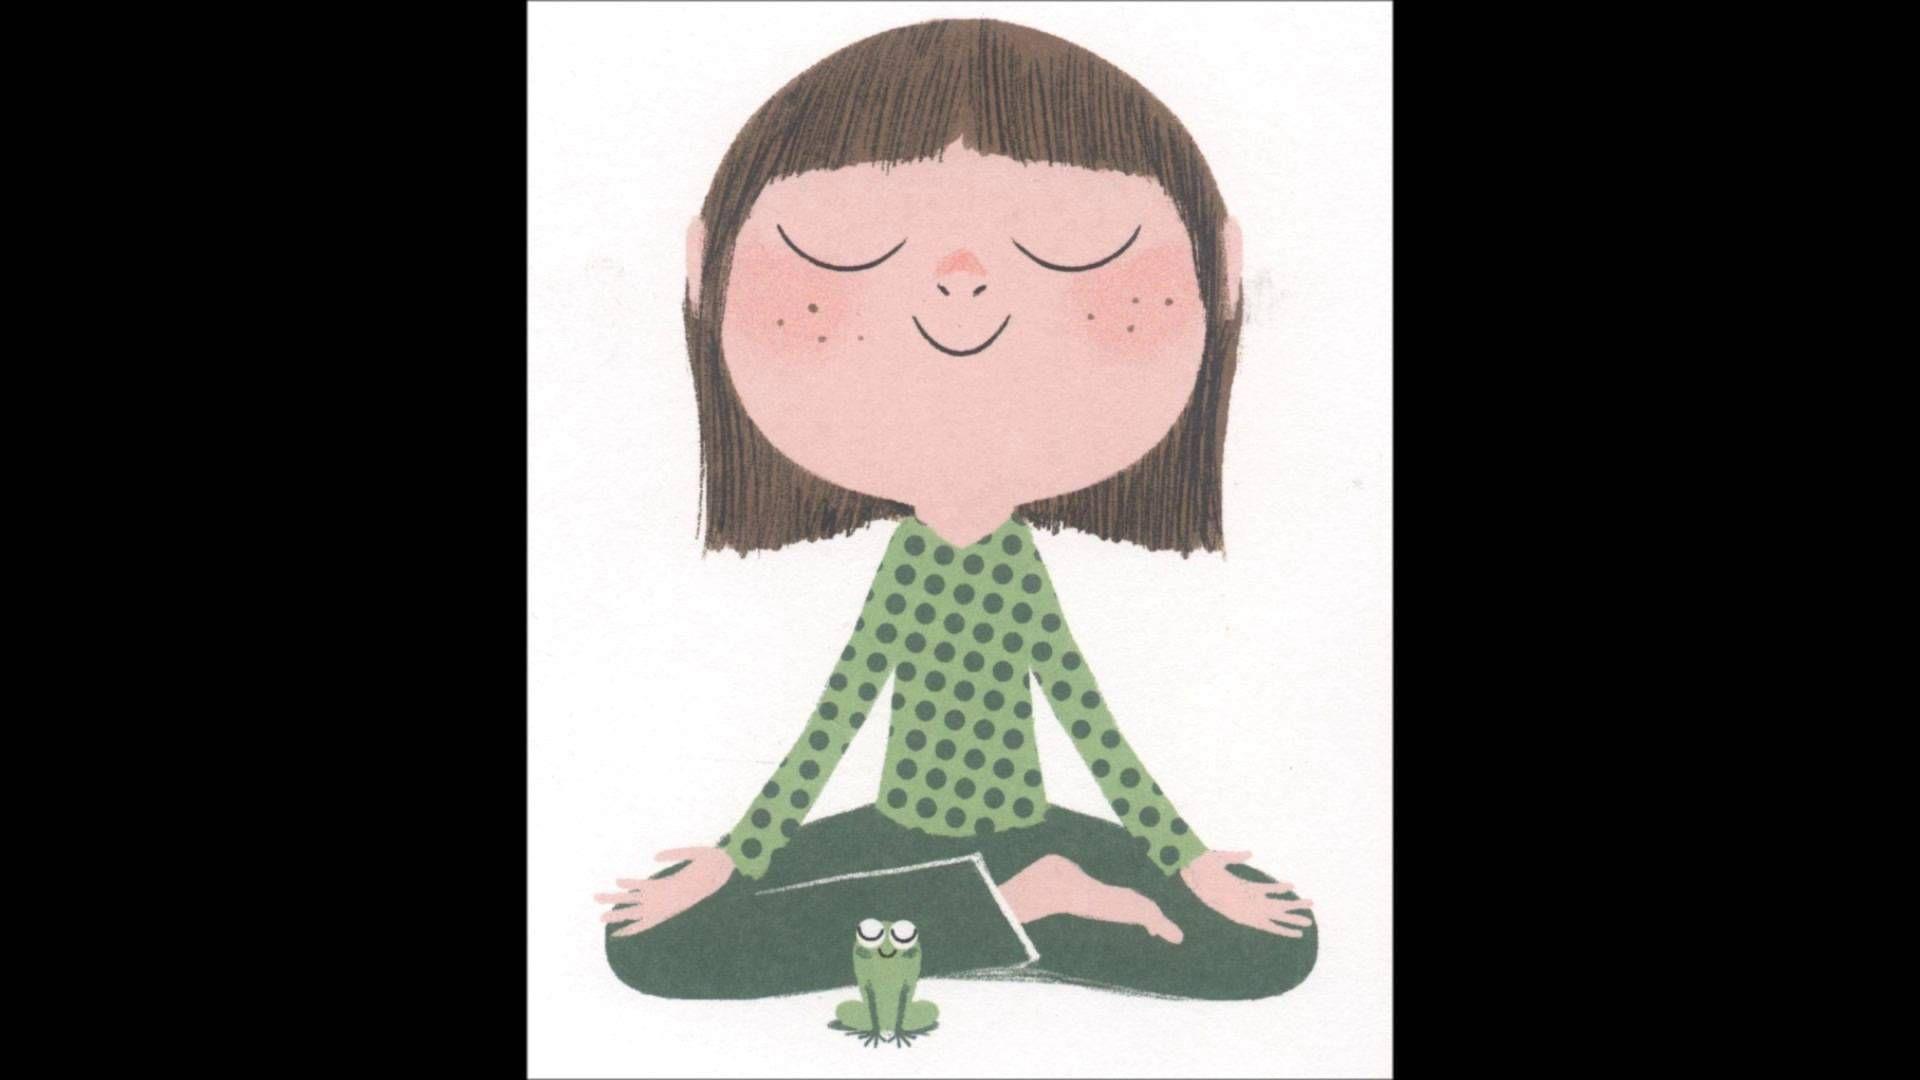 Méditer Comme Une Grenouille - Vers Le Sommeil | Relaxation concernant La Grenouille Meditation